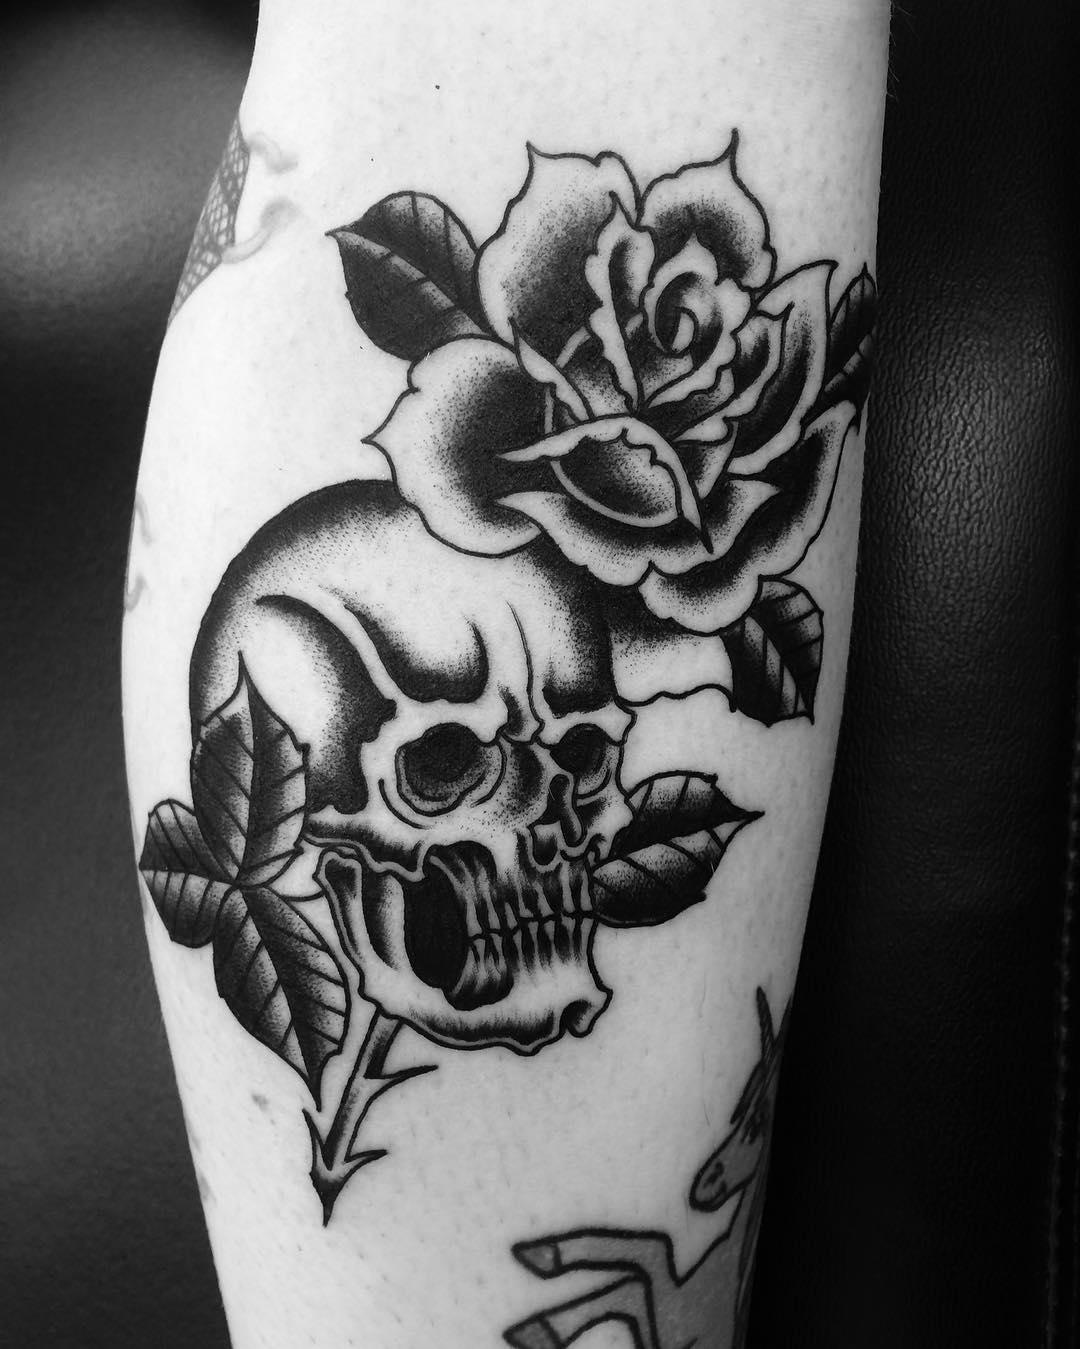 Tattoo Designs Skull: 85 Best Sugar Skull Tattoo Designs & Meanings [2019]